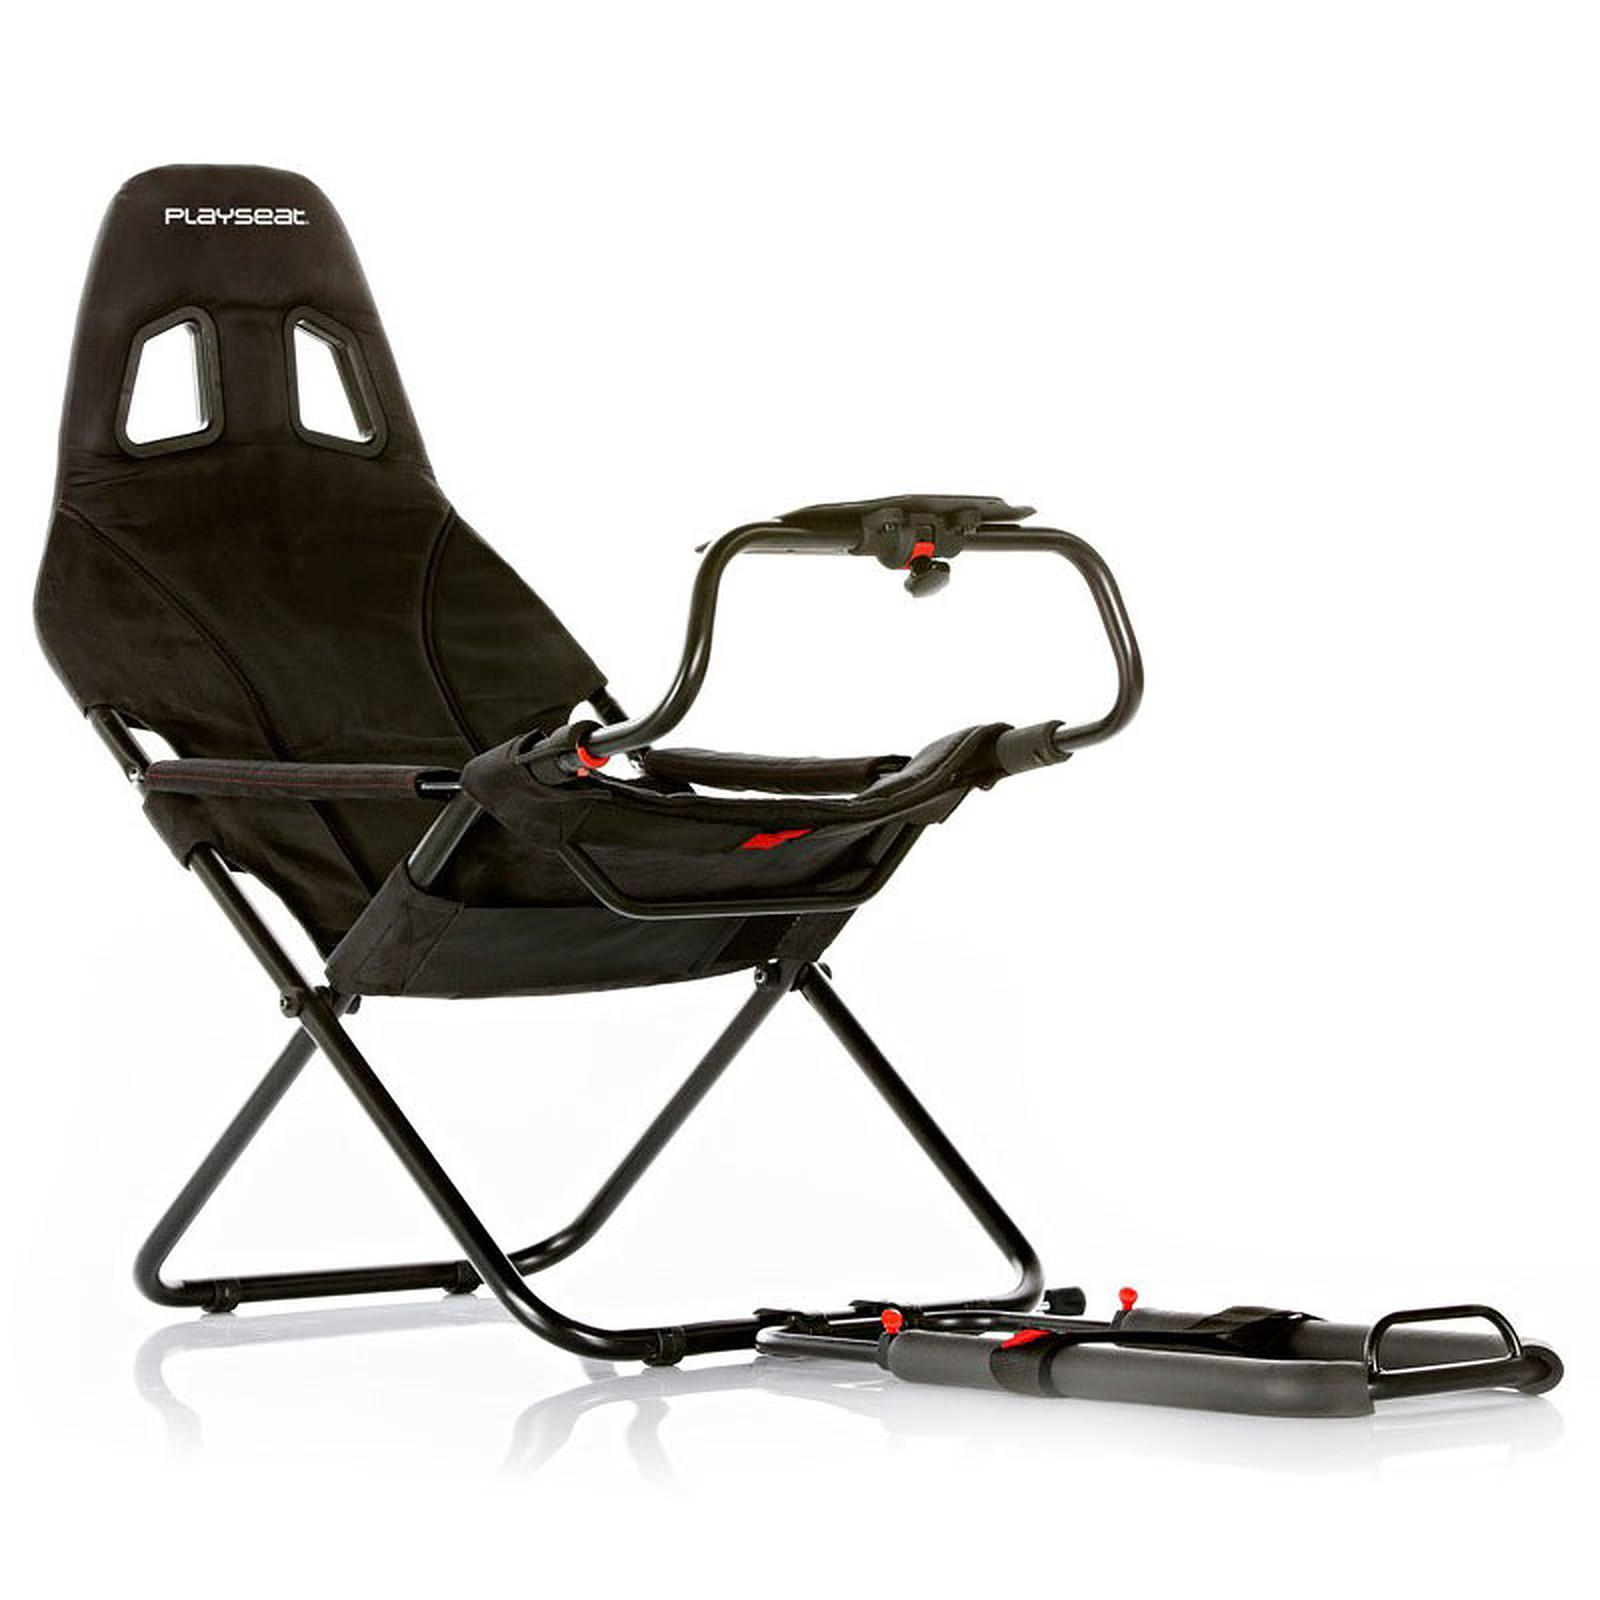 playseat challenge autres accessoires jeu playseat sur. Black Bedroom Furniture Sets. Home Design Ideas